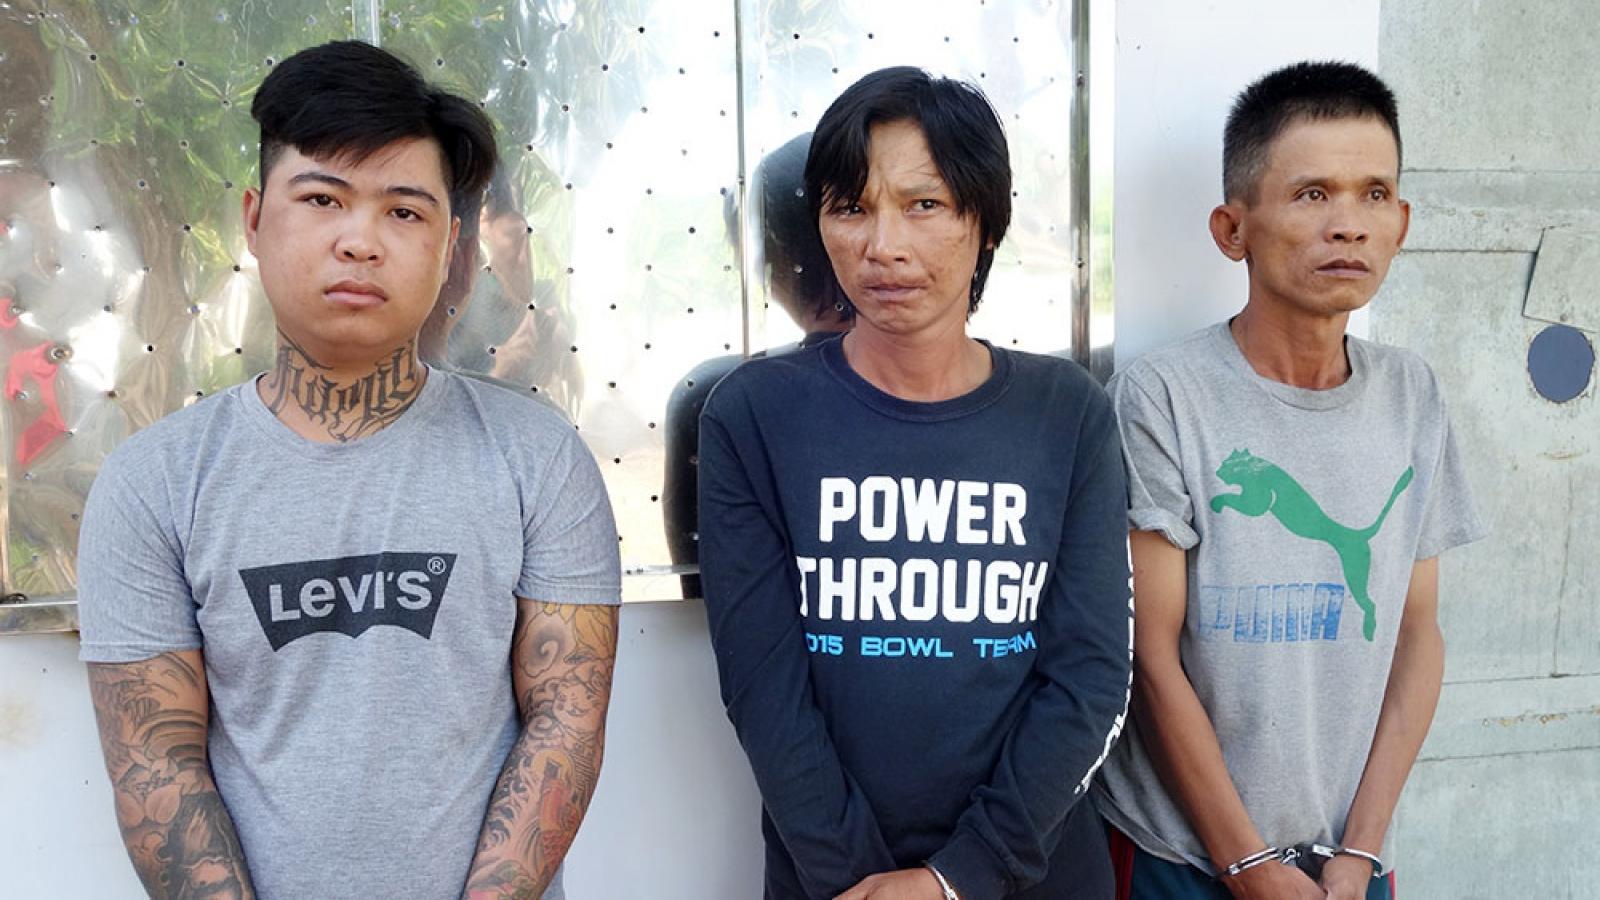 Cưỡng đoạt tài sản của khách hành hương, 3 đối tượng bị tạm giữ